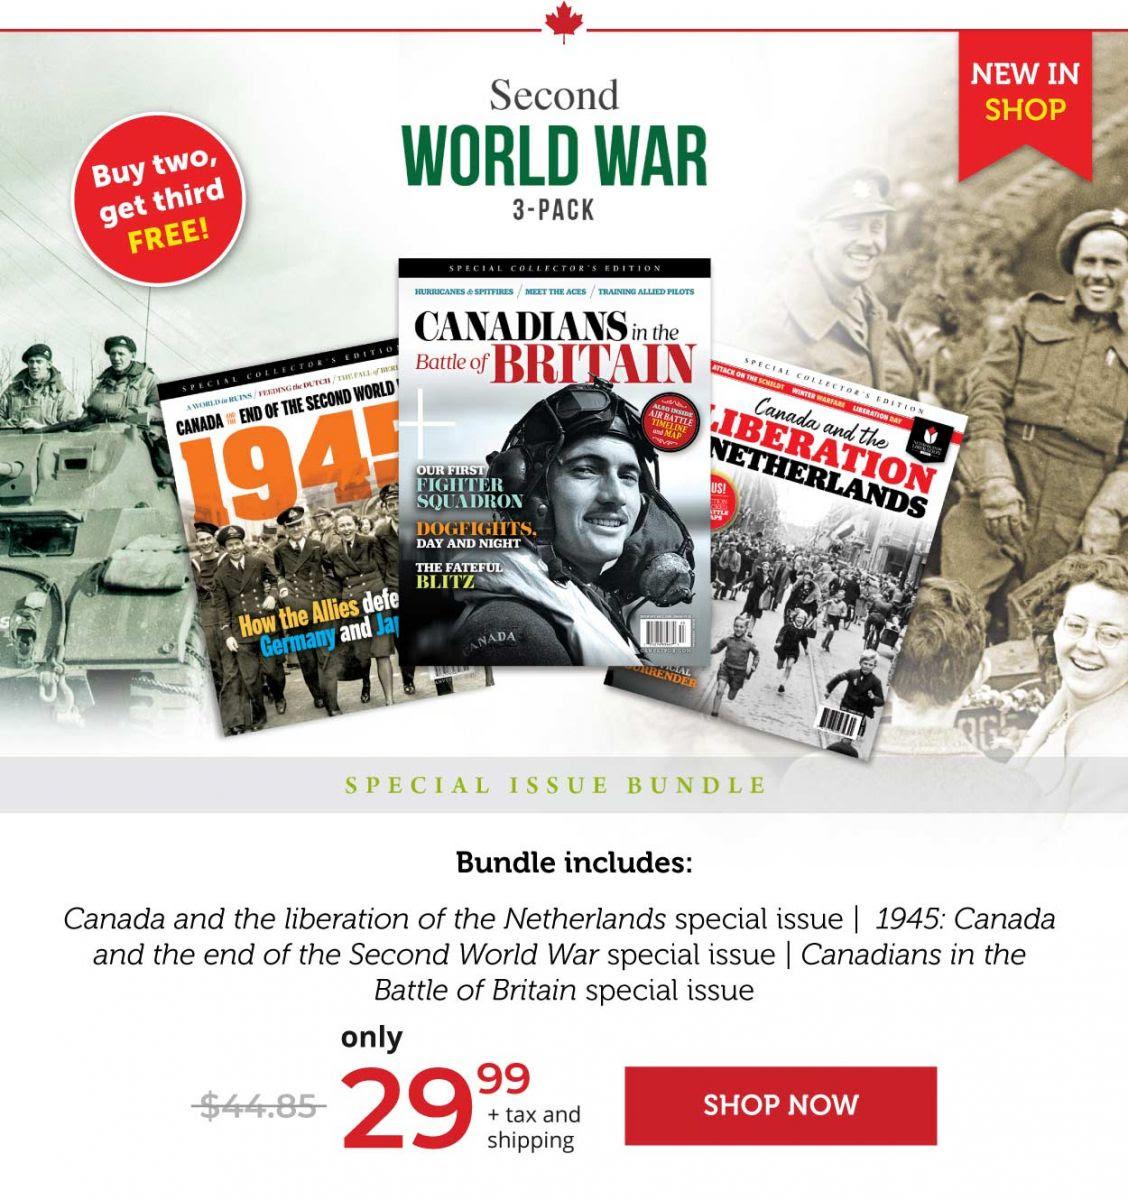 Second World War 3-Pack (2020)